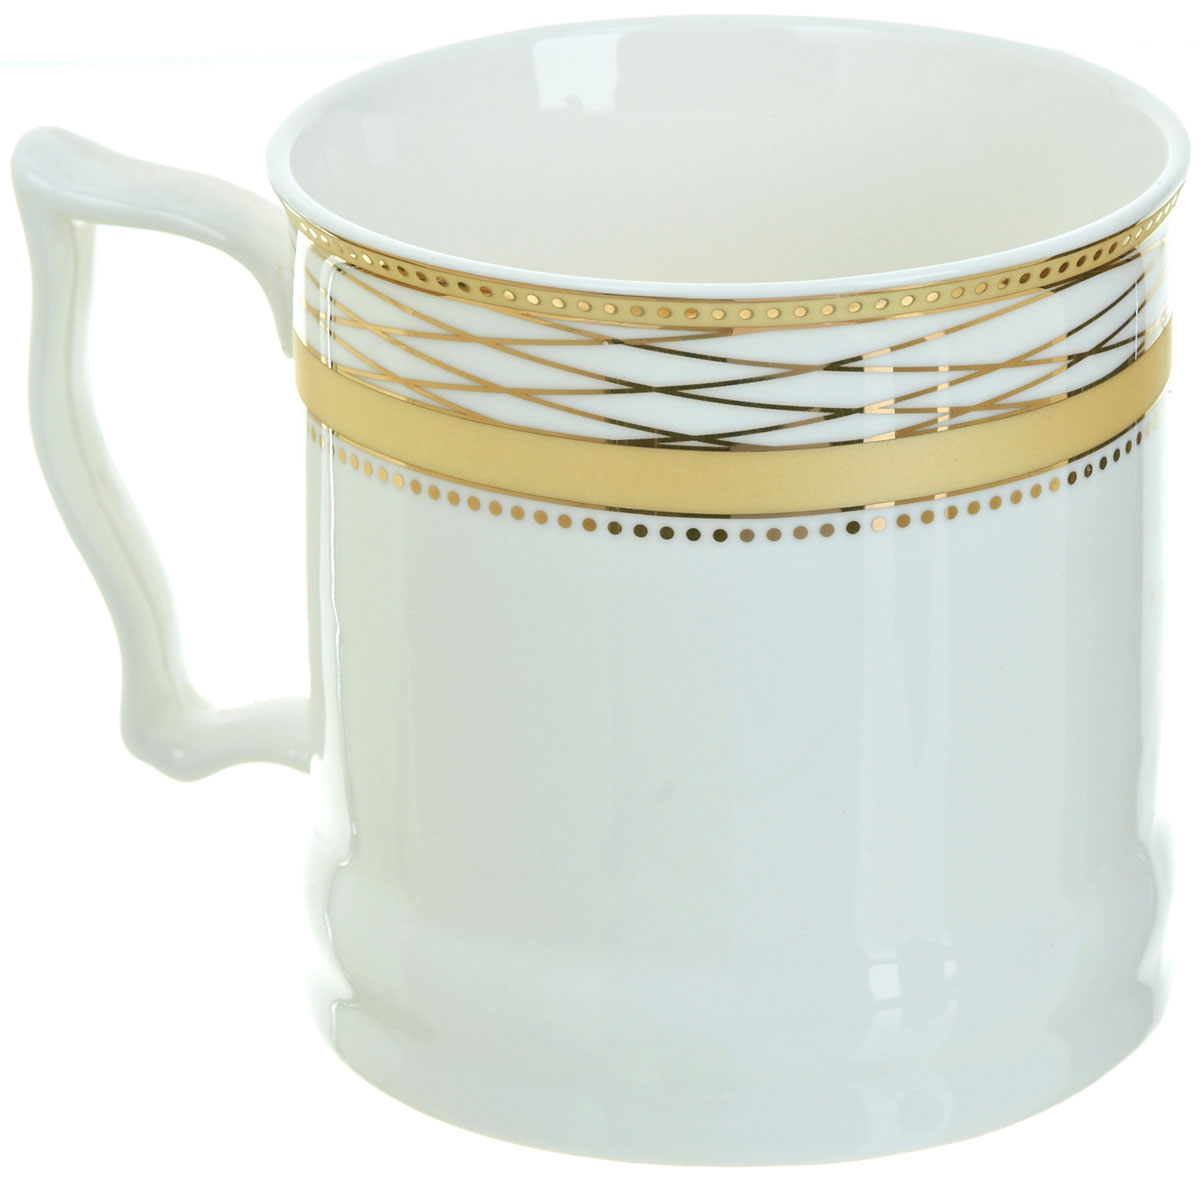 Кружка BHP Королевская кружка, 500 мл. M1870008M1870008Оригинальная кружка Best Home Porcelain, выполненная из высококачественного фарфора, сочетает в себе простой, утонченный дизайн с максимальной функциональностью.Можно использовать в посудомоечной машине.